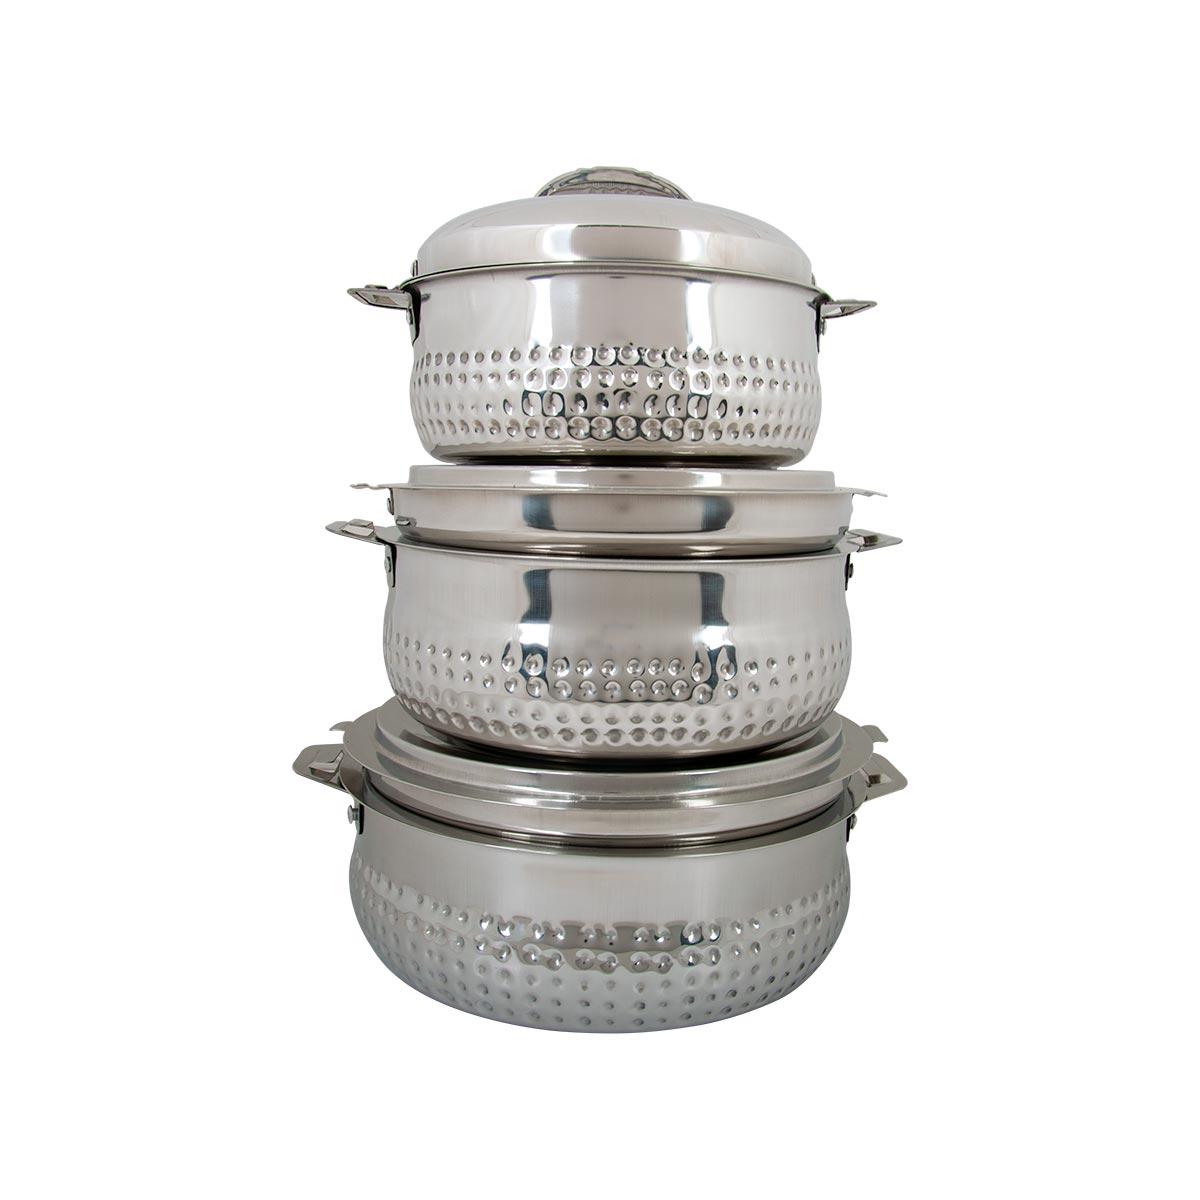 طقم حافظات طعام ستار- استانلس استيل 3 مقاسات صغيرة  رقم SAM7527